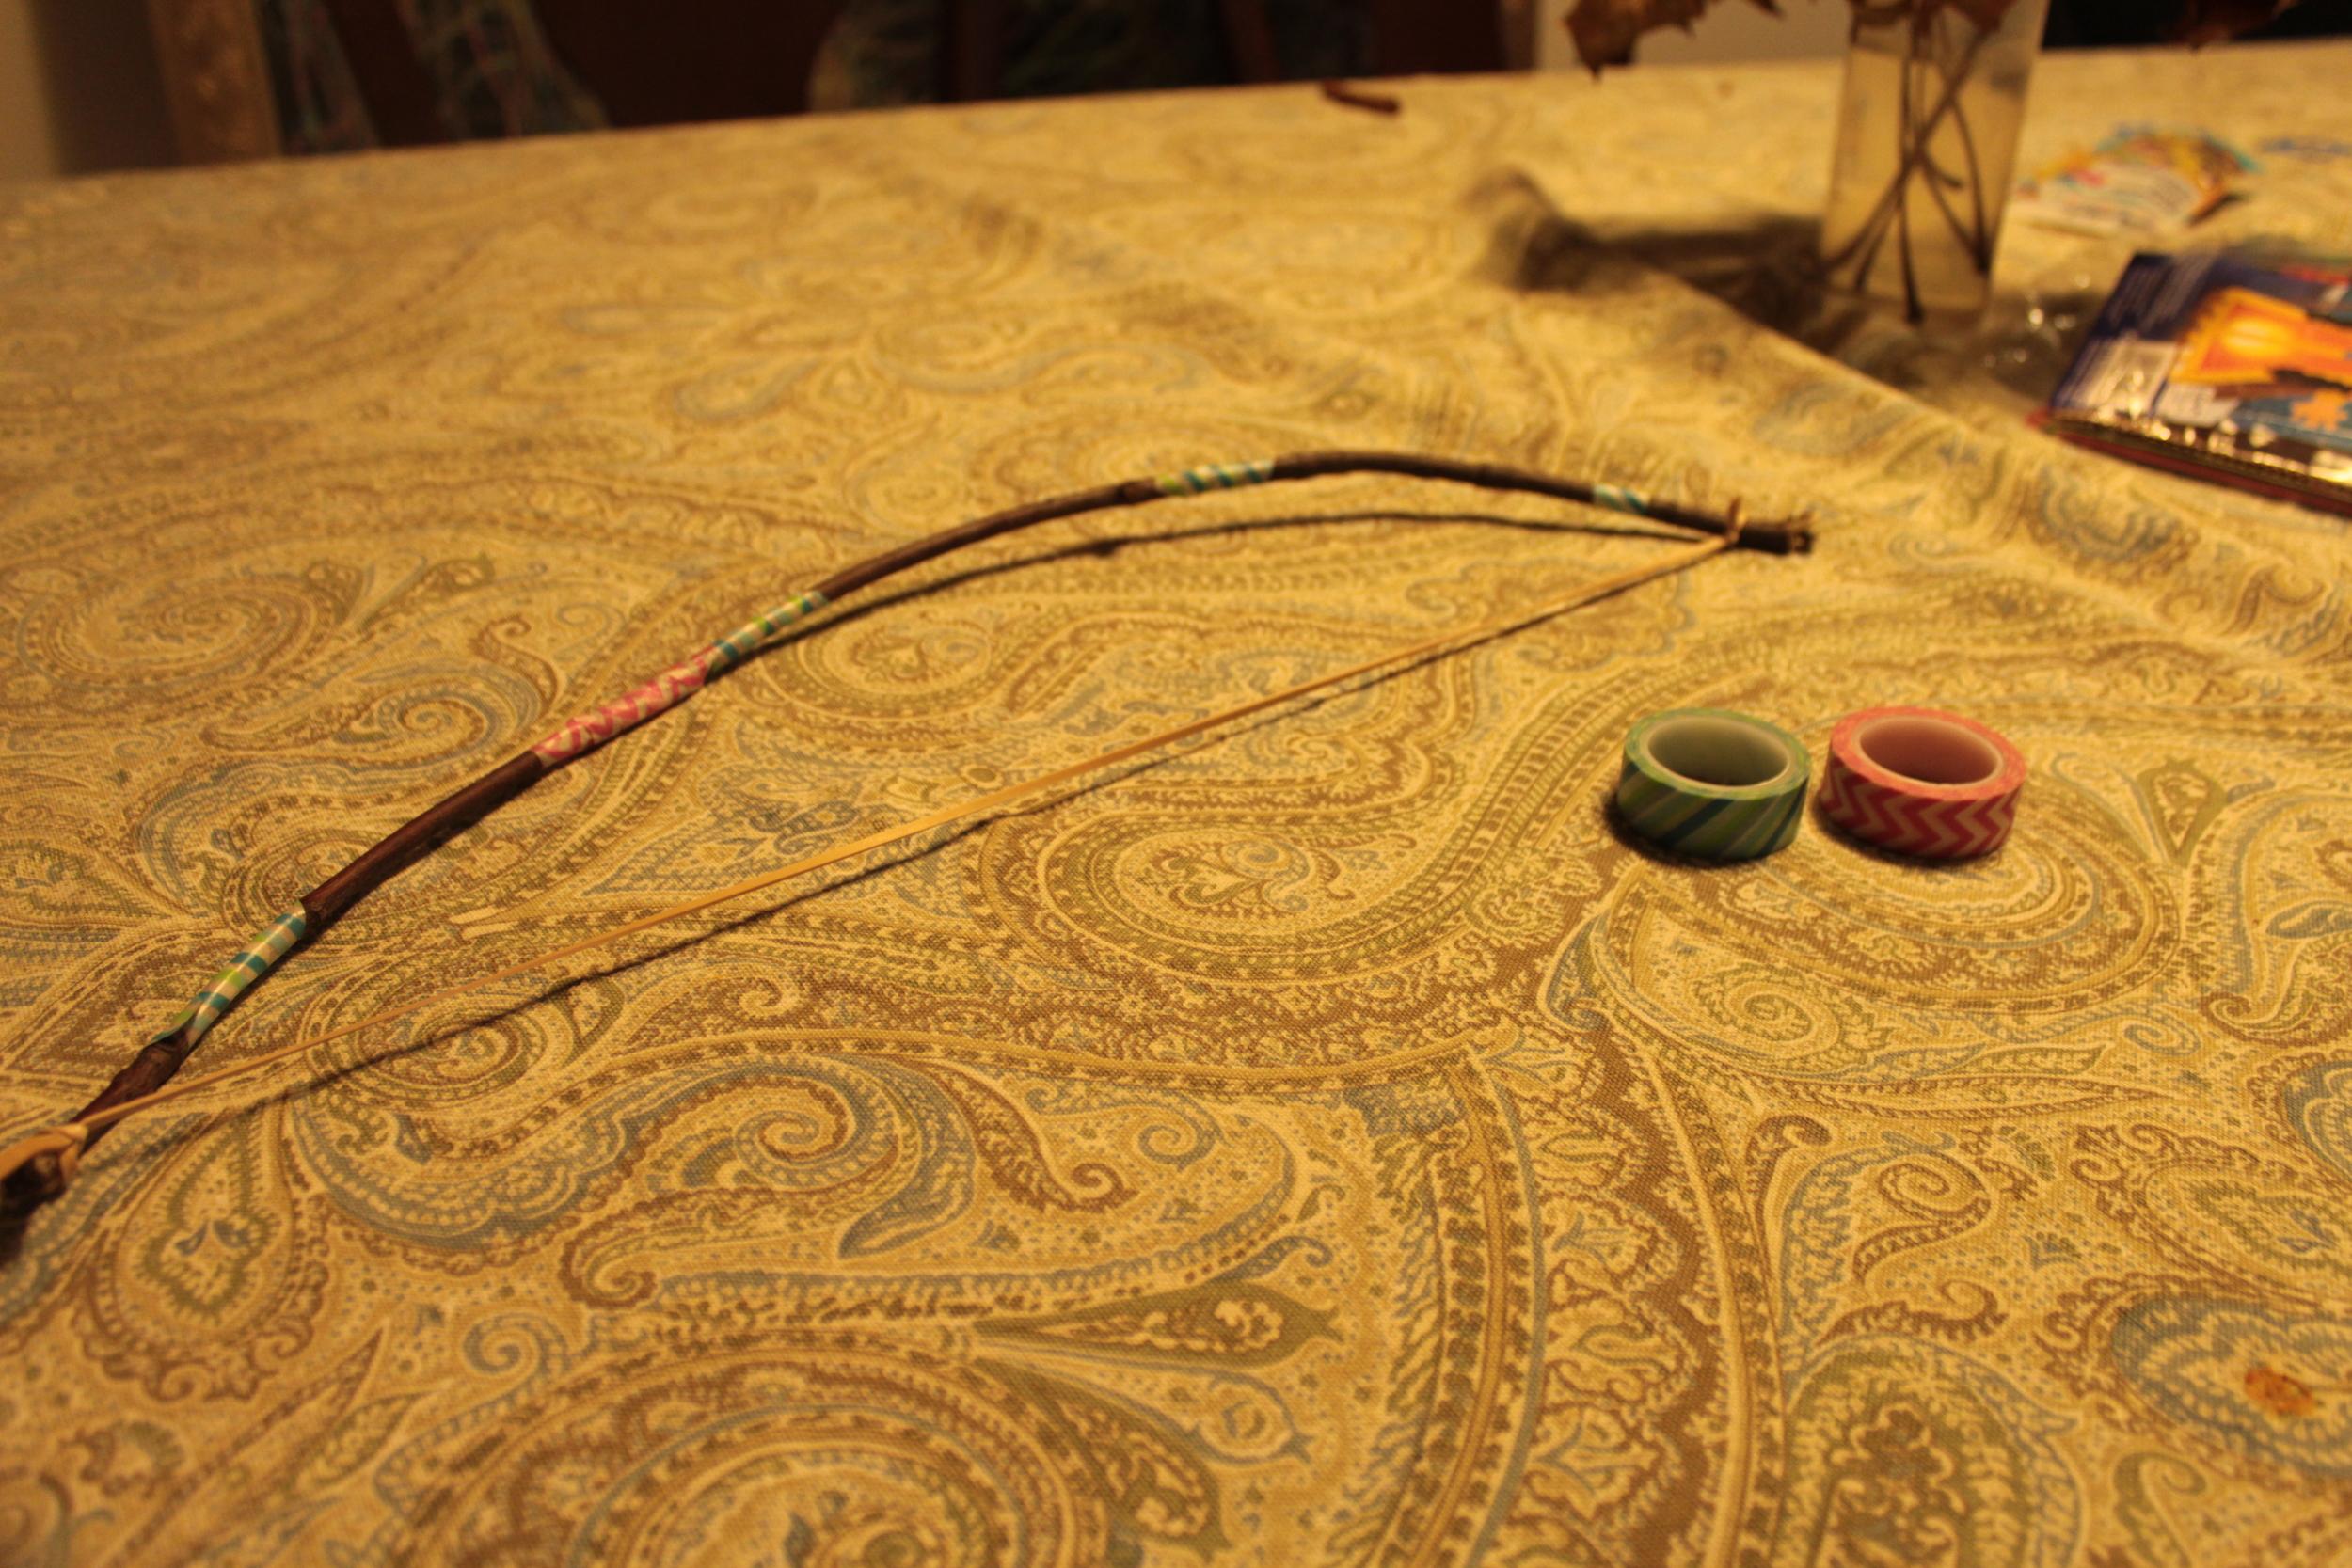 Washi tape decorated.